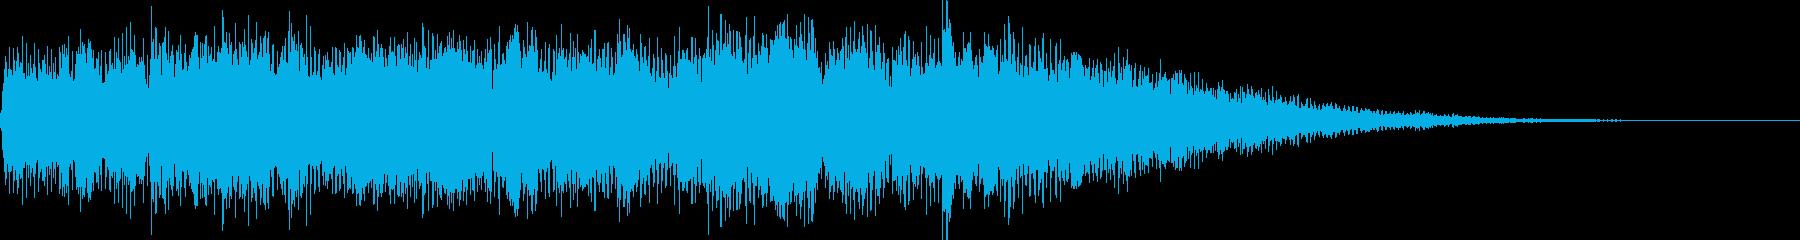 【ジングル】広大・穏やか・優しいの再生済みの波形